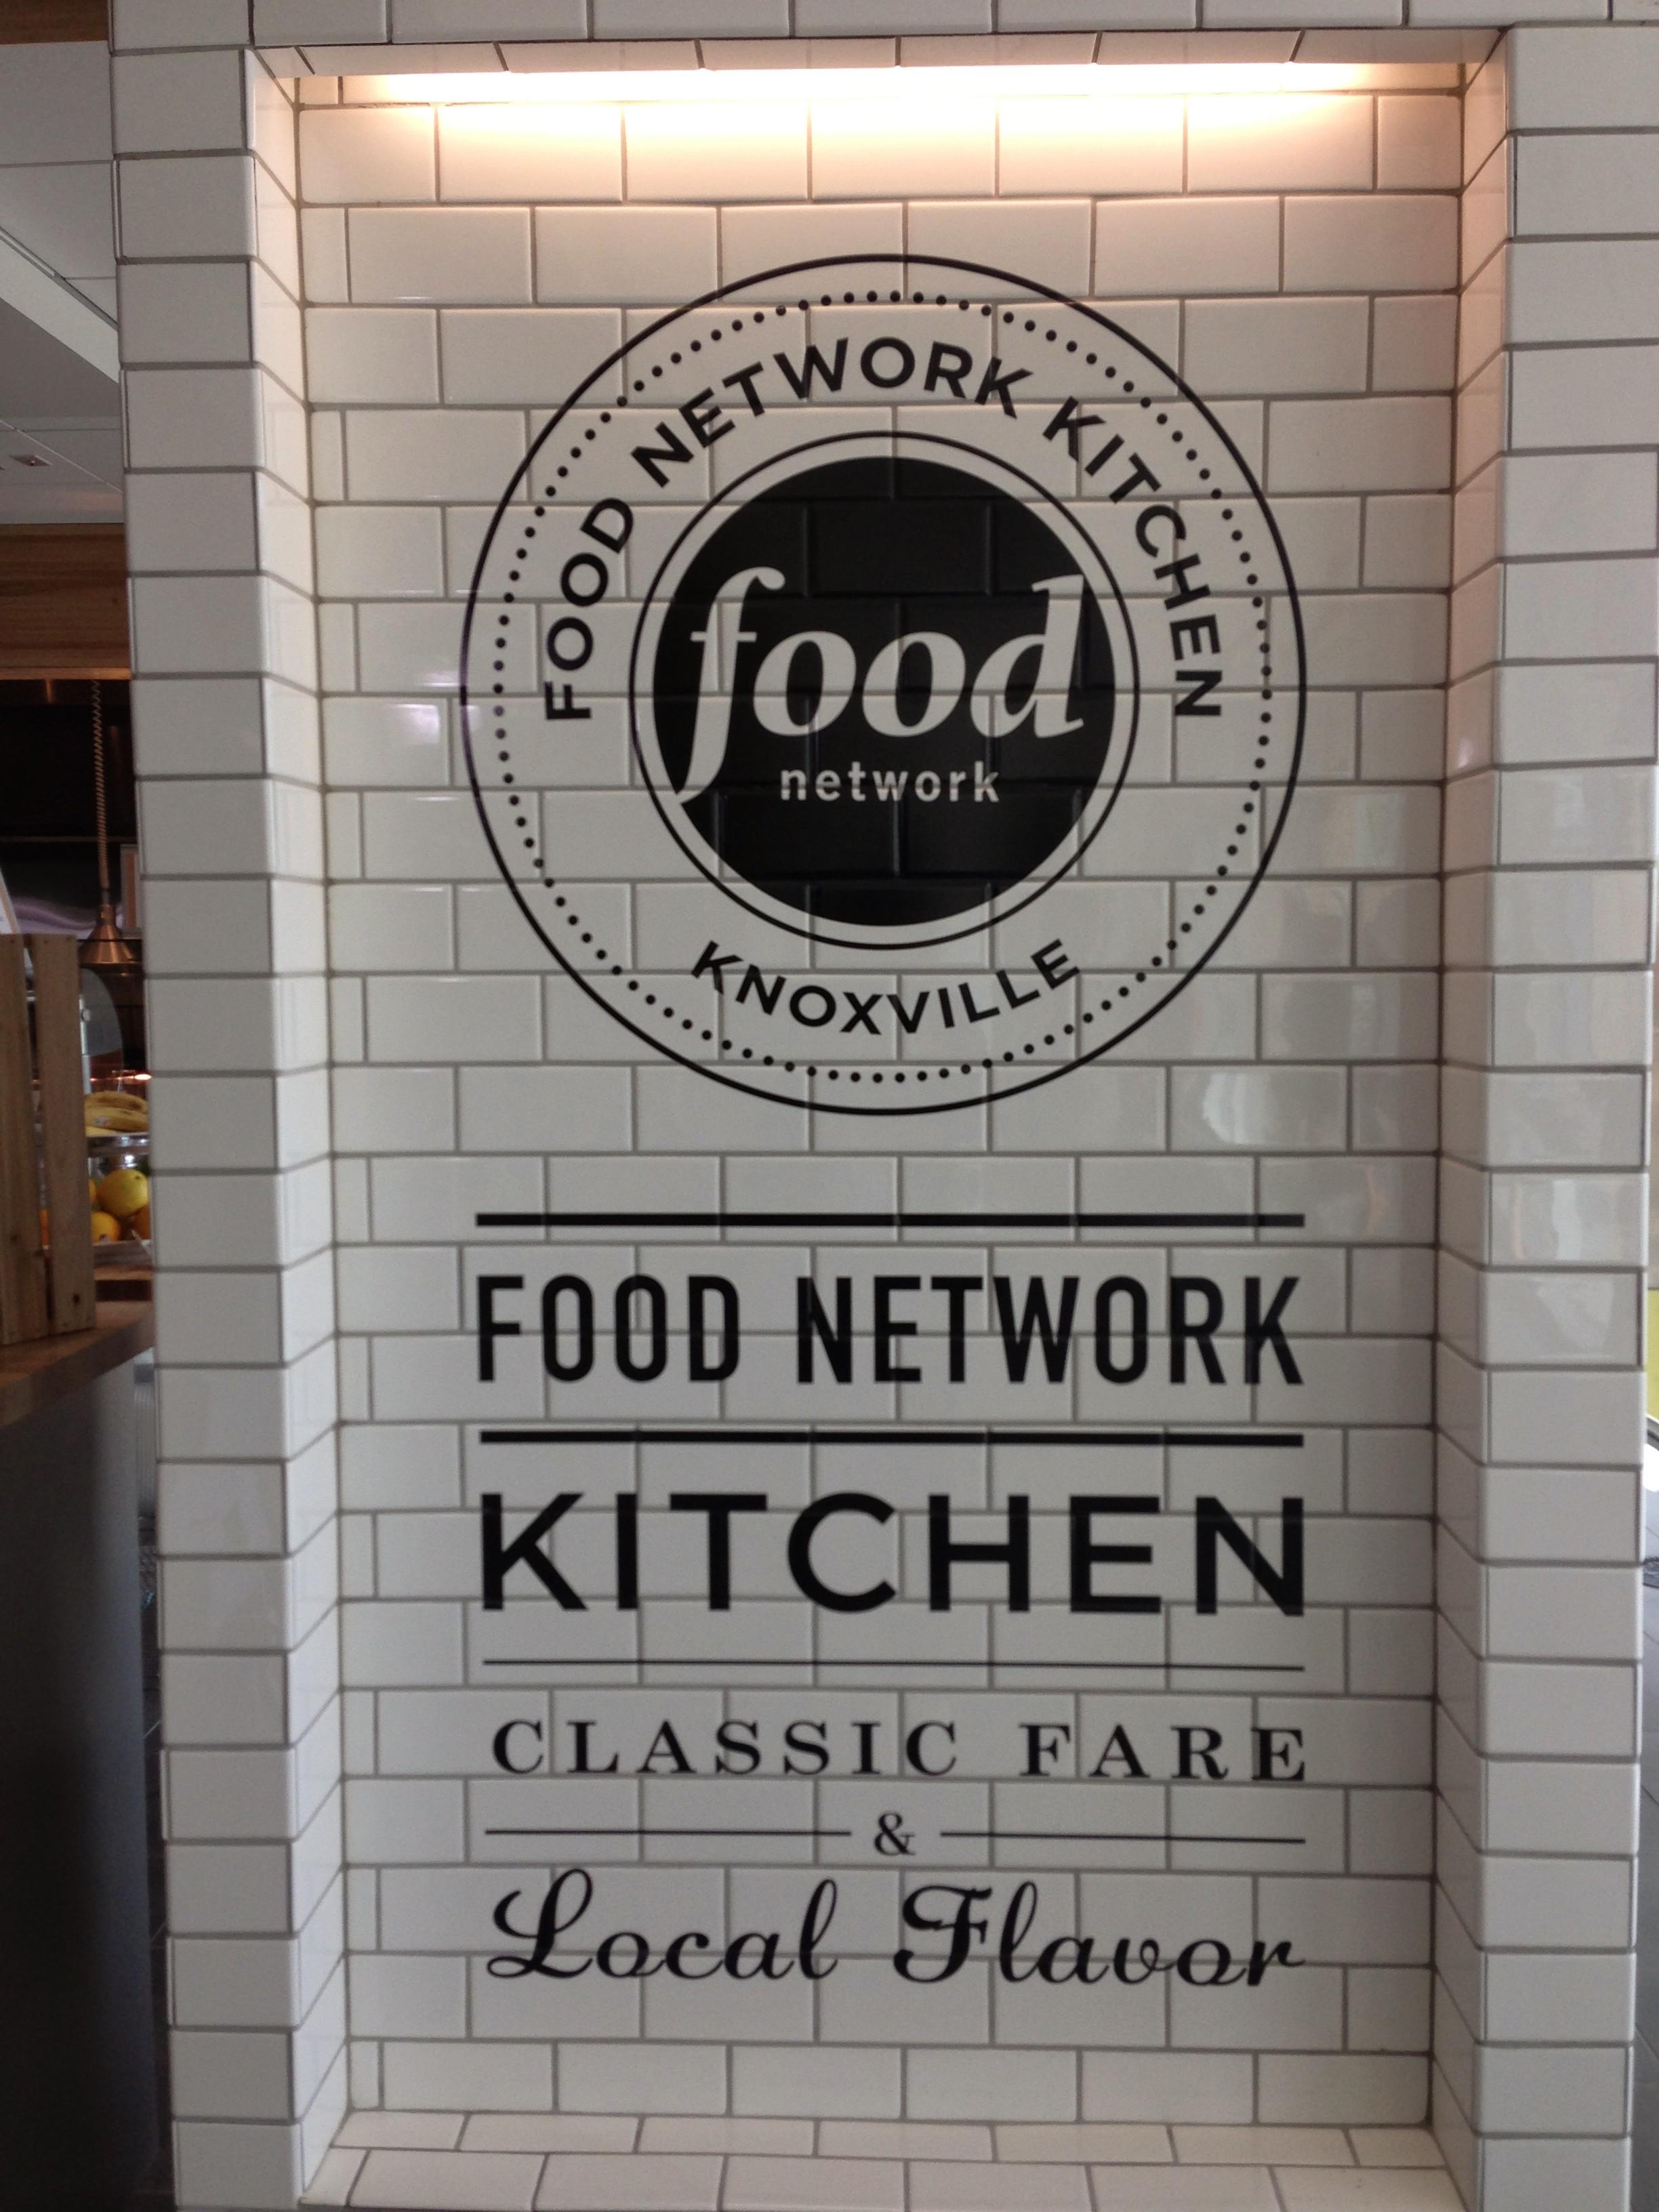 Food Network Kitchen (4).JPG